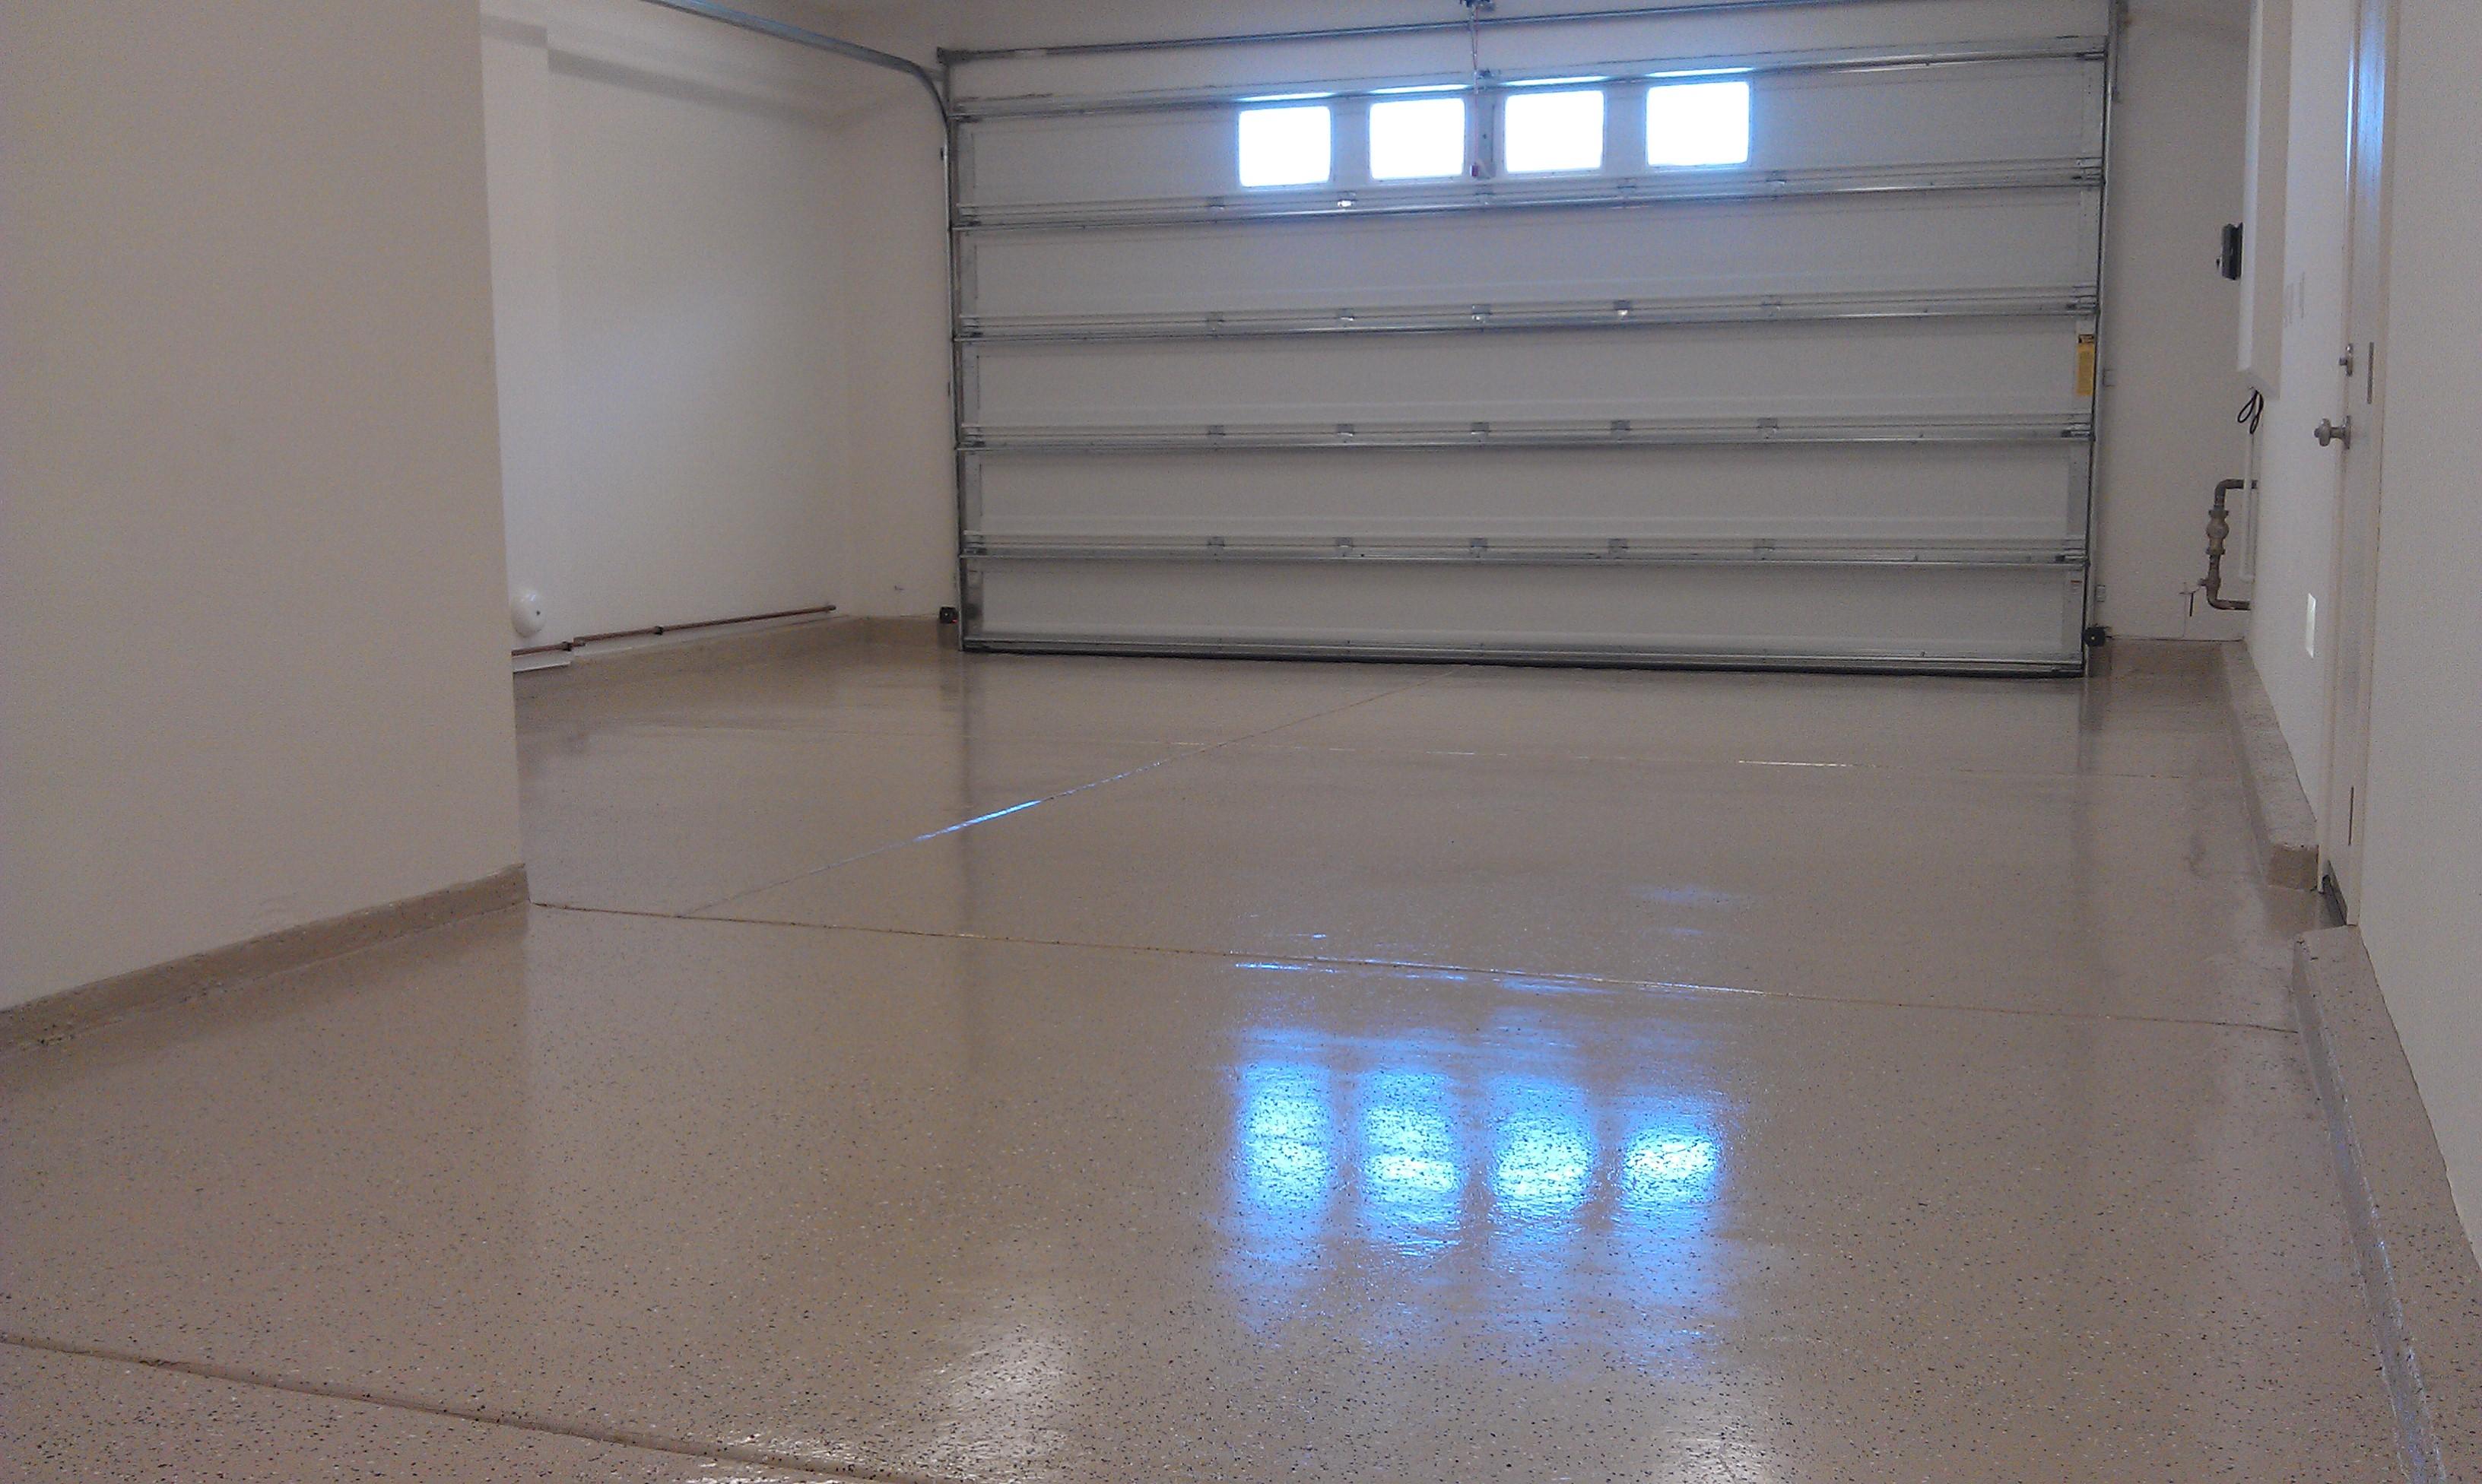 Commercial flooring contractors phoenix az thefloors co for Commercial flooring contractors